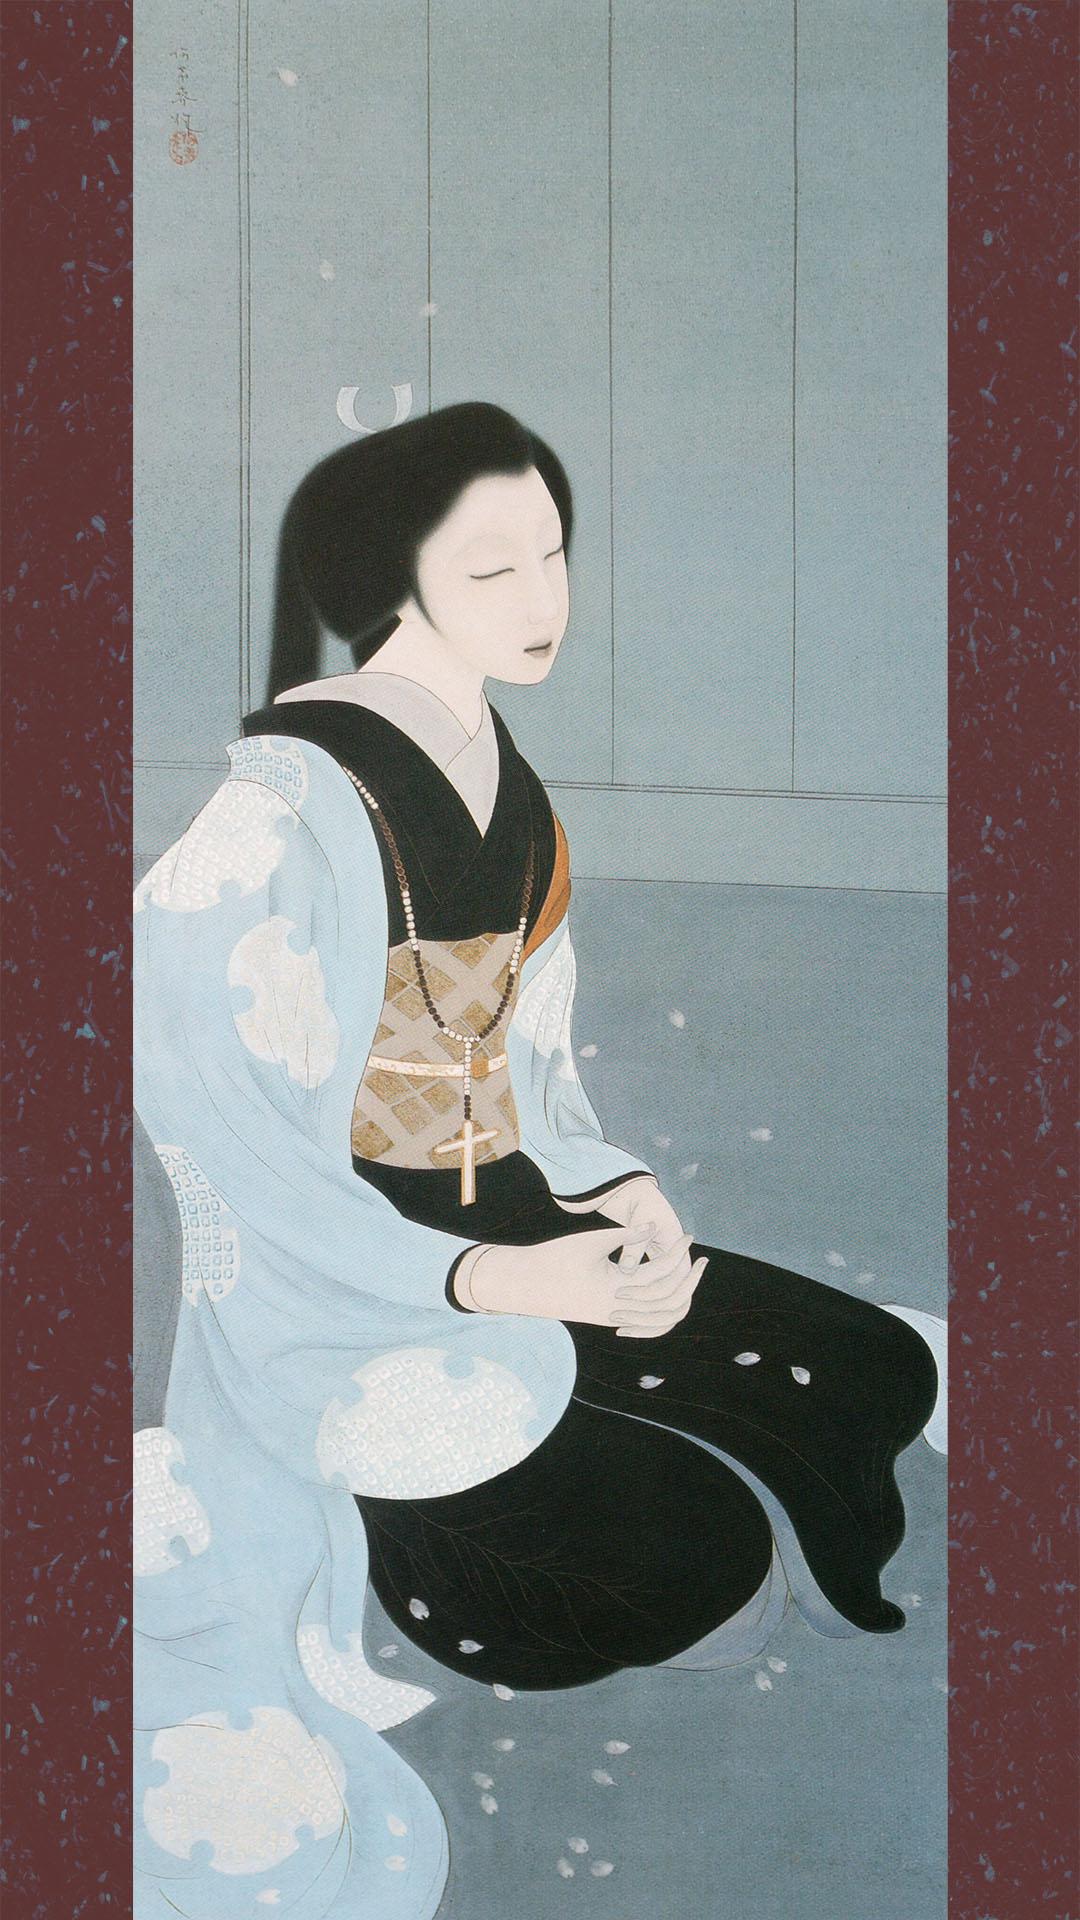 Hashimoto Meiji Garasha fujin zou 1080x1920 2